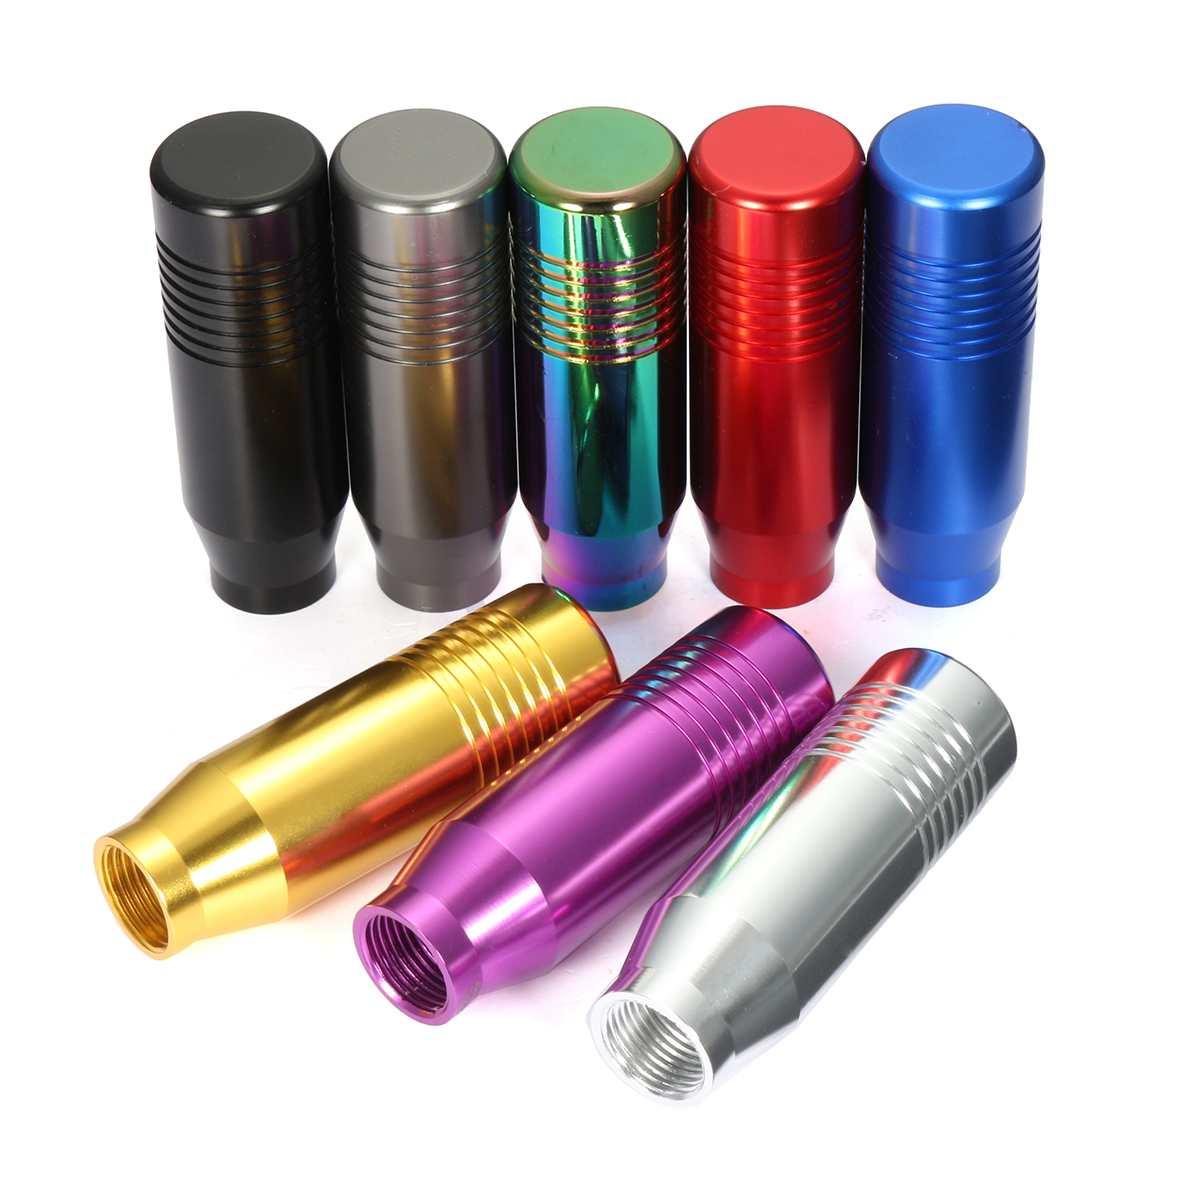 8 색 범용 자동차 알루미늄 수동 기어 시프트 노브 스틱 수동 변속기 기어 스틱 레버 시프터 노브